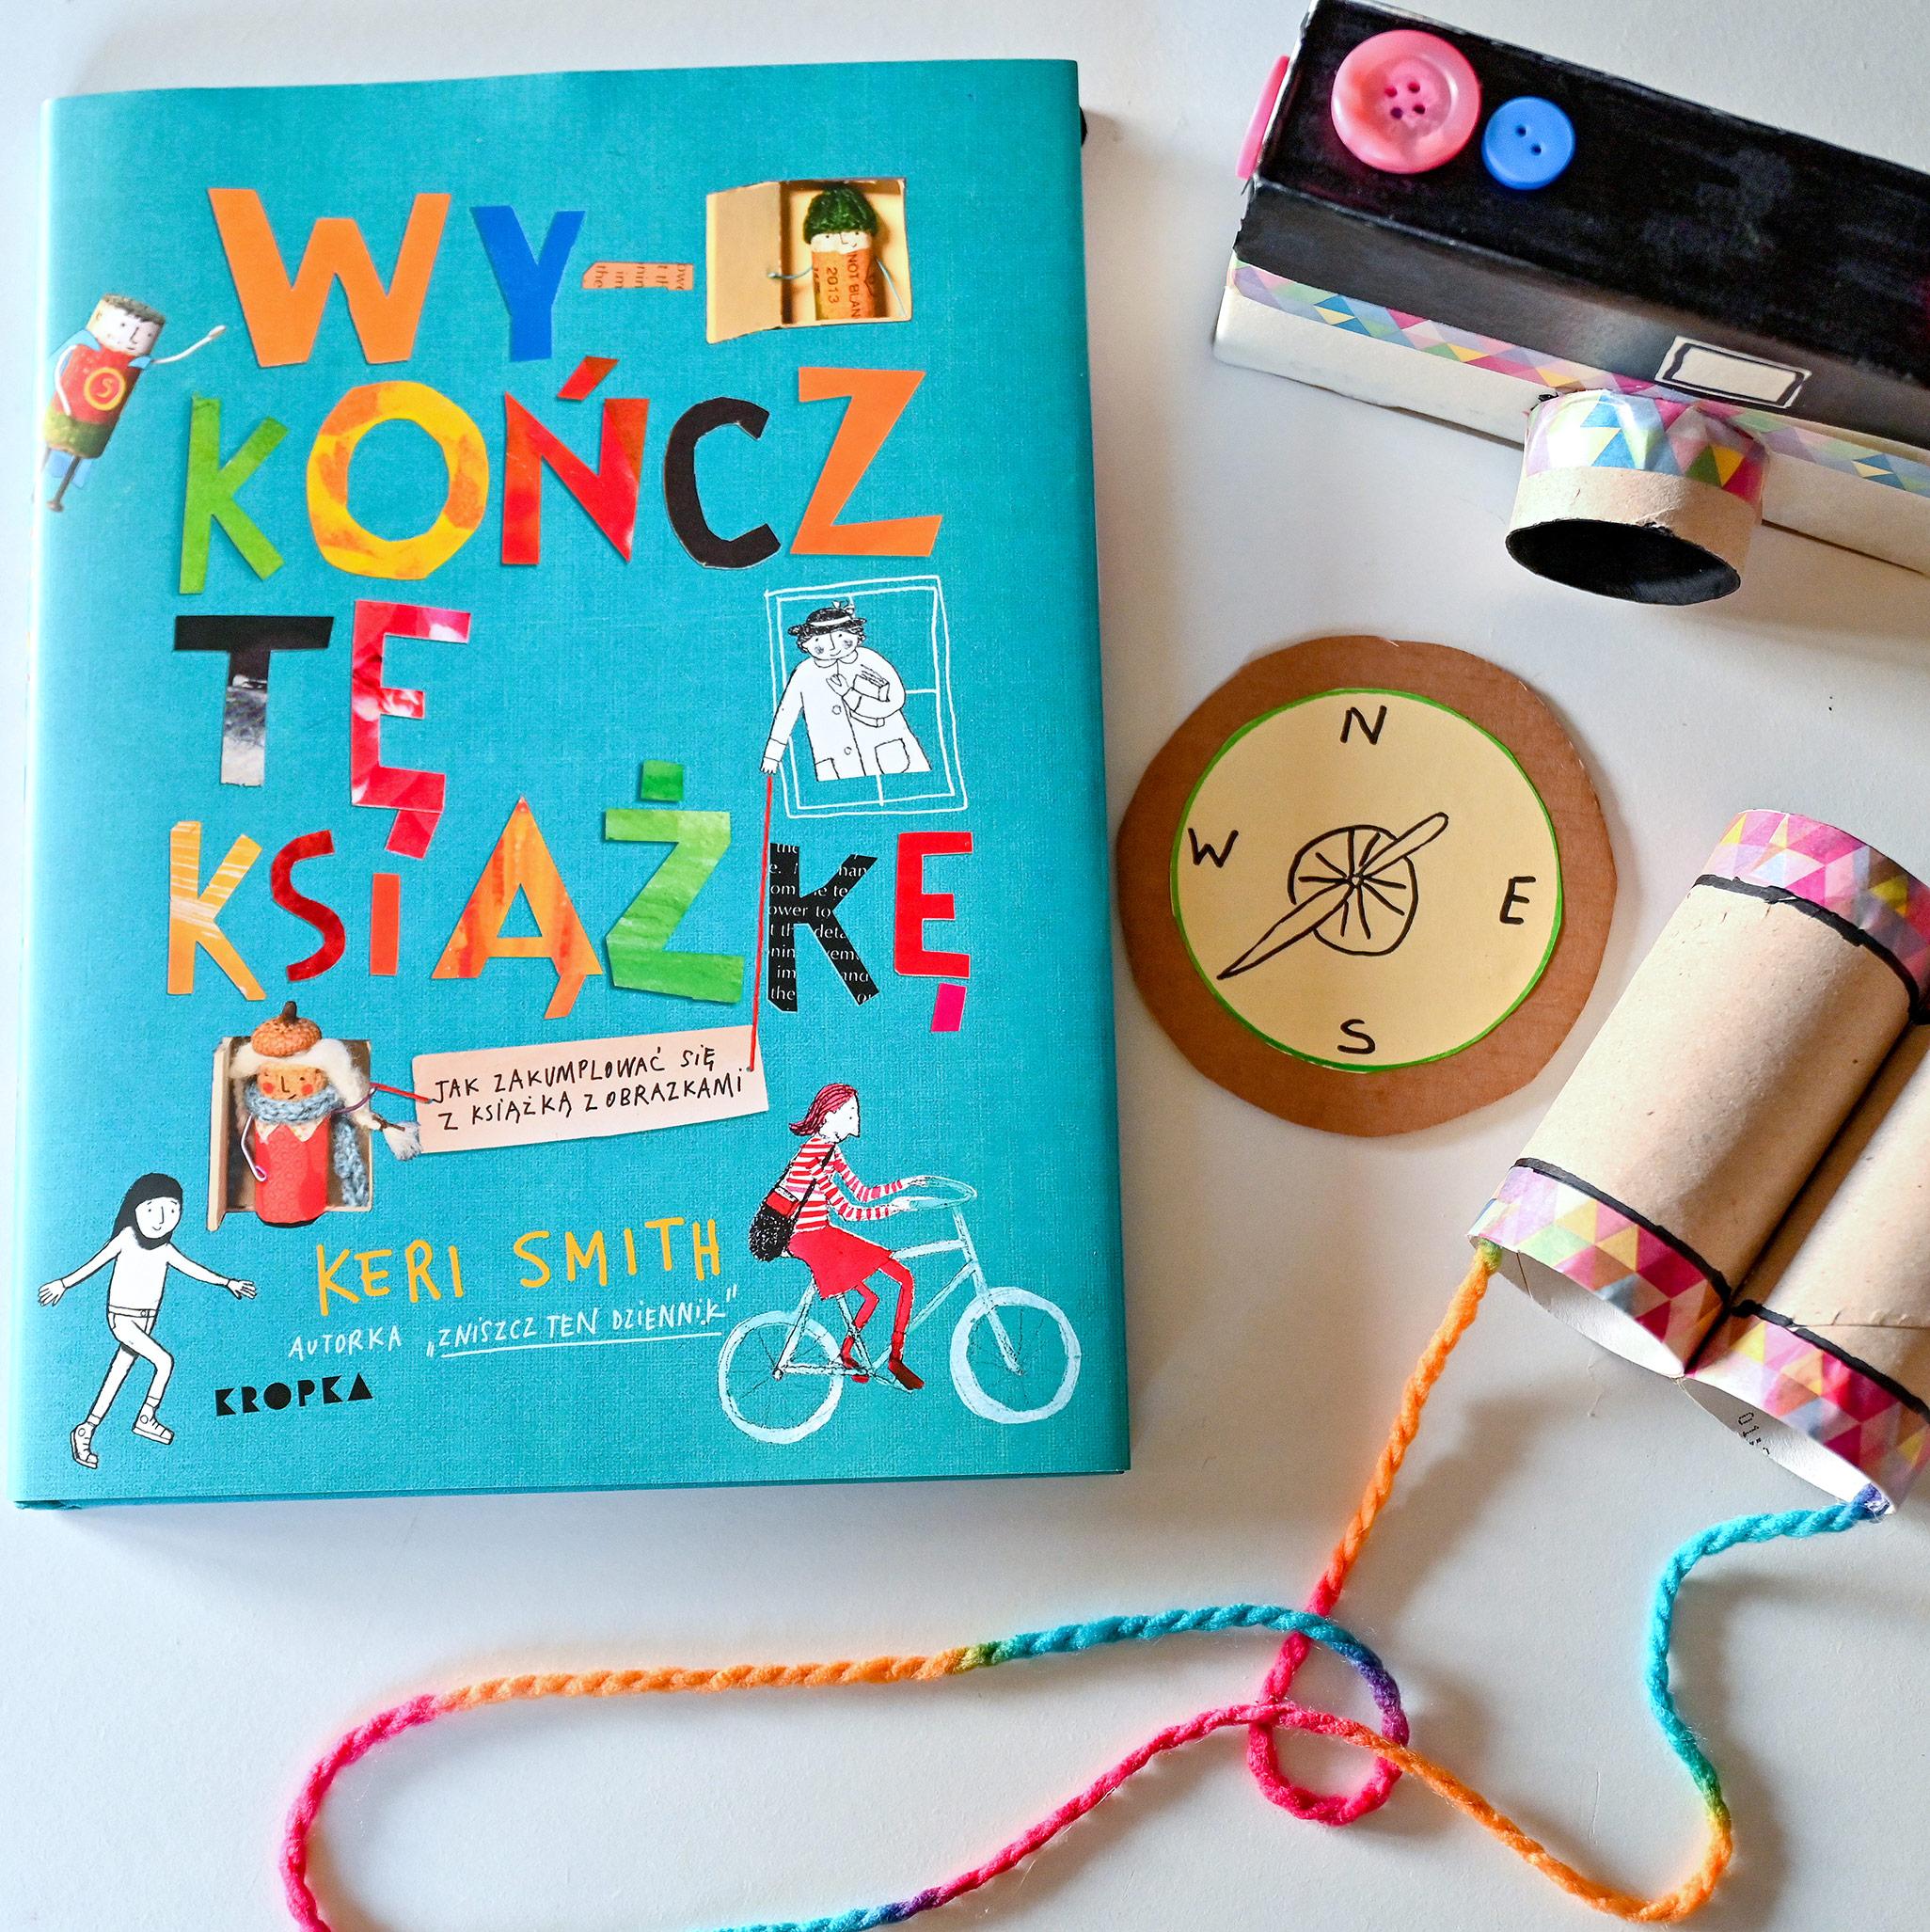 wykończ tę książkę, recenzja ksiąki dla dzieci, keri smith, opinie o książkach dla dzieci